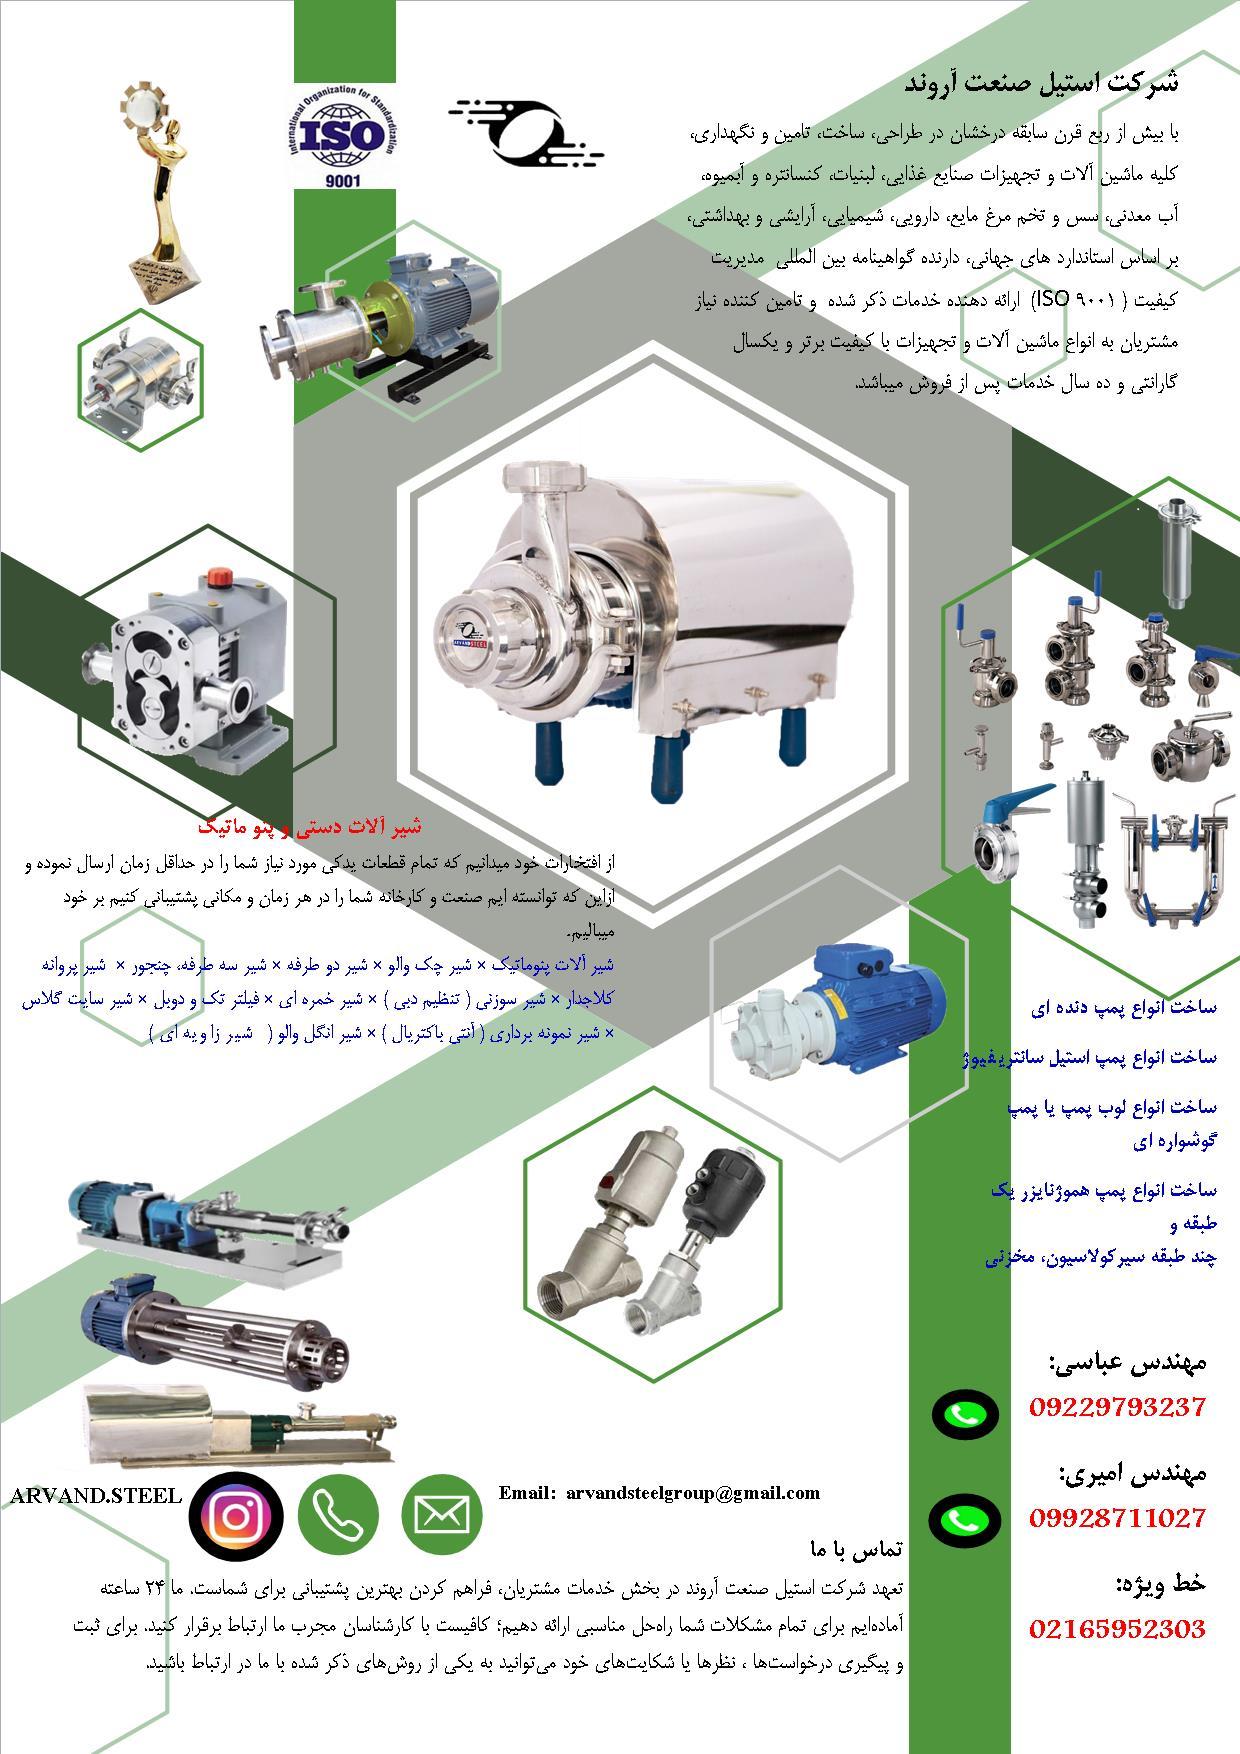 گروه صنعتي استيل صنعت آروند طراحي، ساخت و تامین کلیه ماشین آلات و تجهیزات خطوط صنایع  غذایی